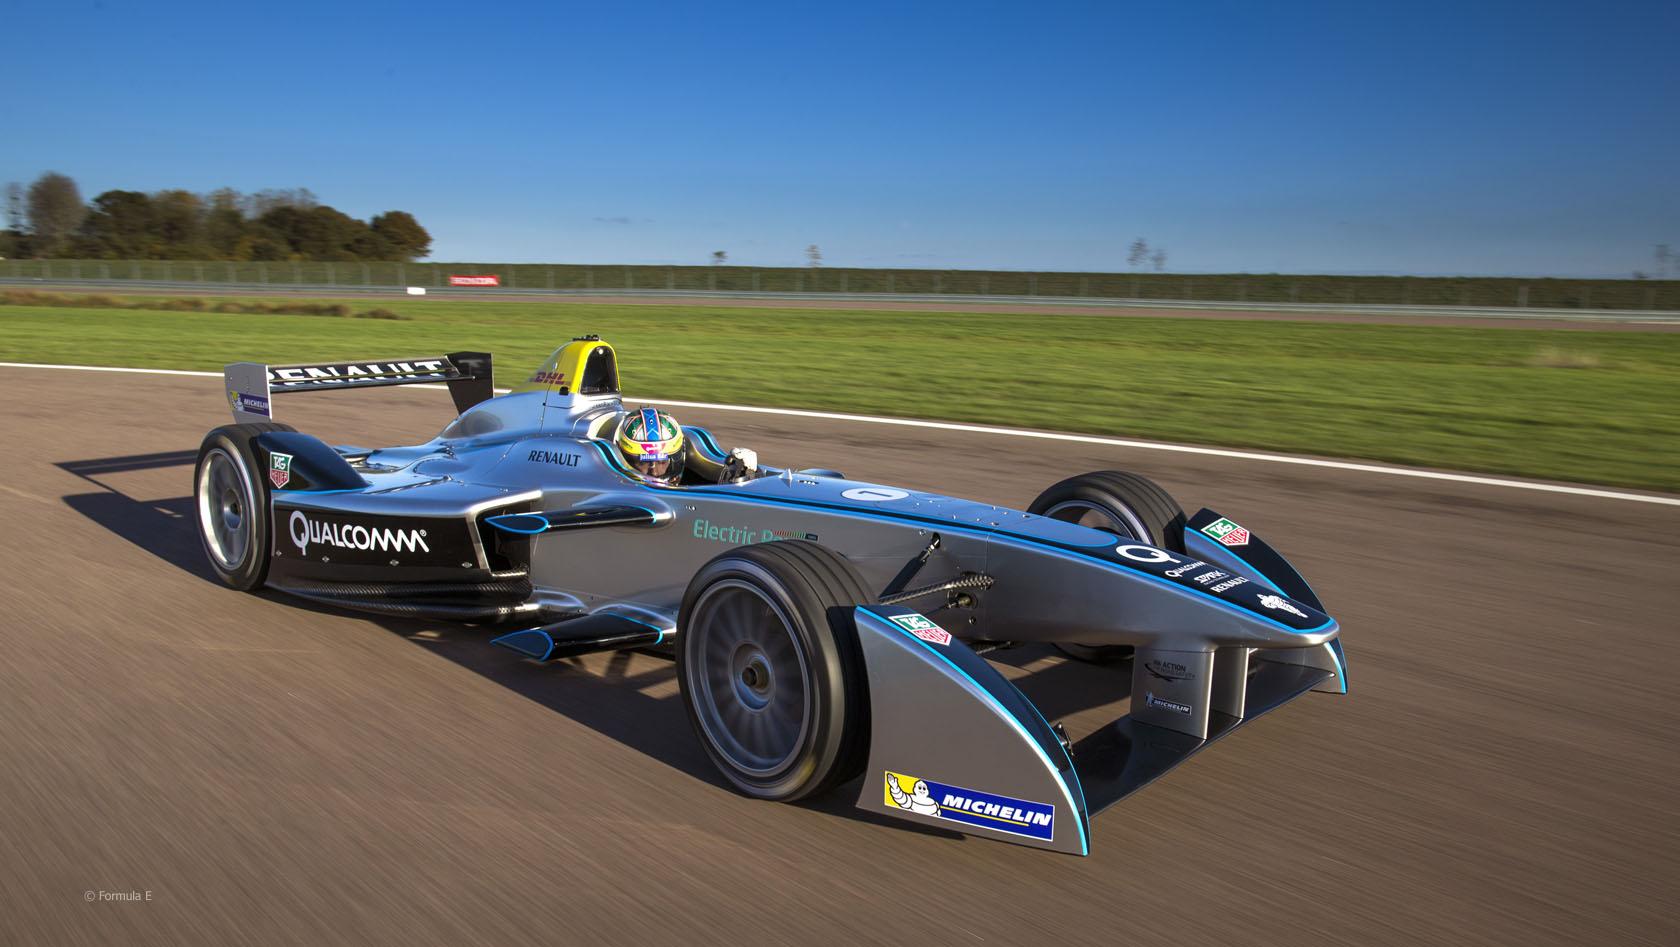 La Fórmula E genera cada día más la atención de los fabricantes de vehículos que participan en este certamen eléctrico como banco de pruebas y desarrollo de las energías limpias.